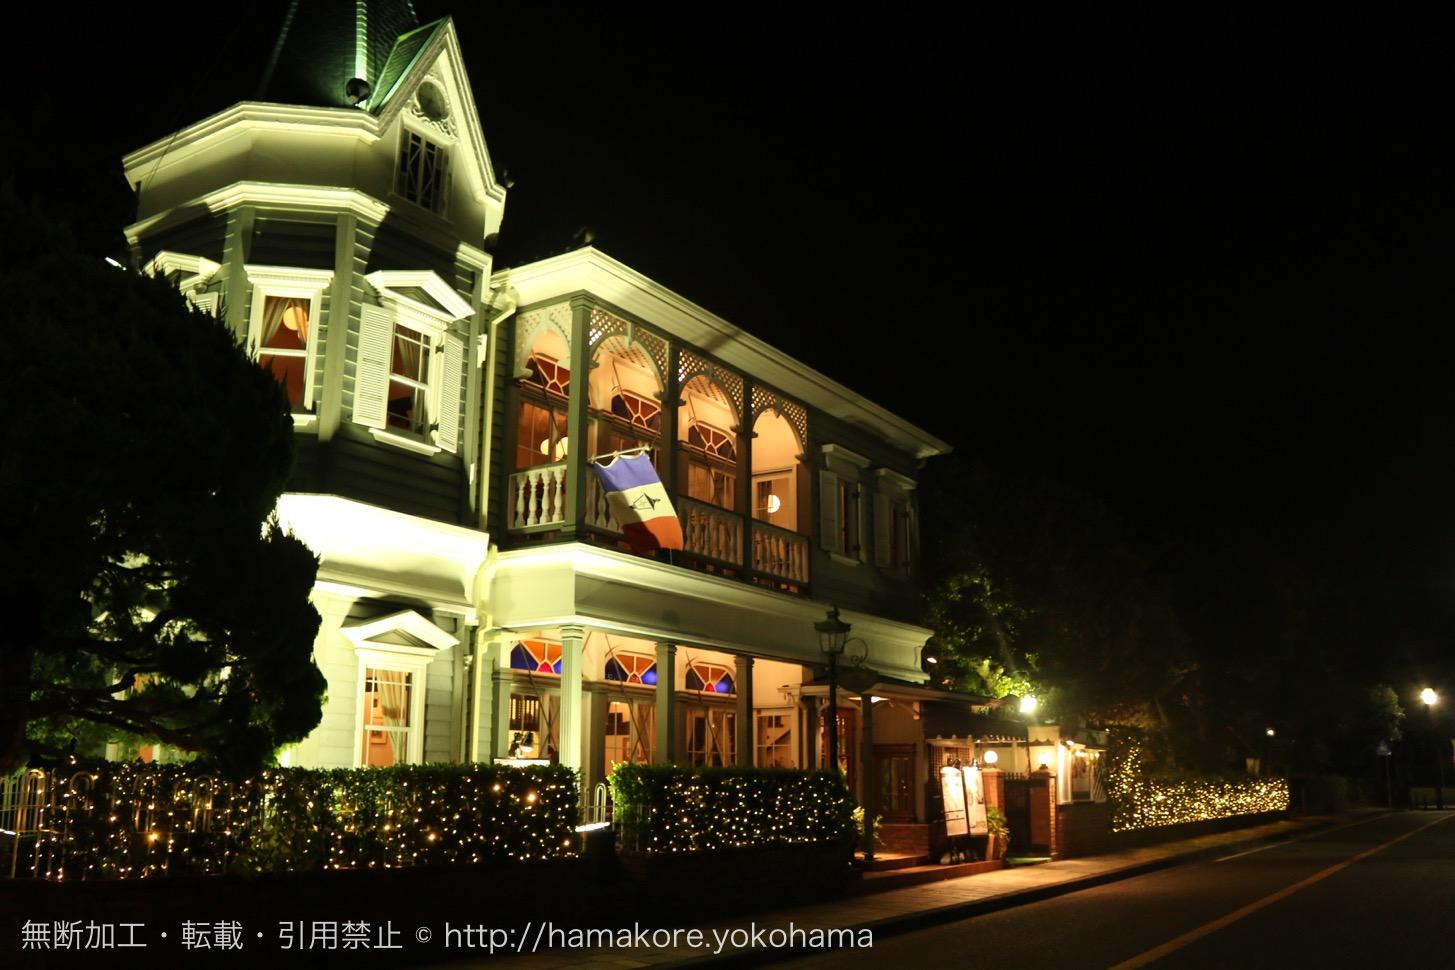 横浜山手西洋館「世界のクリスマス 2016」